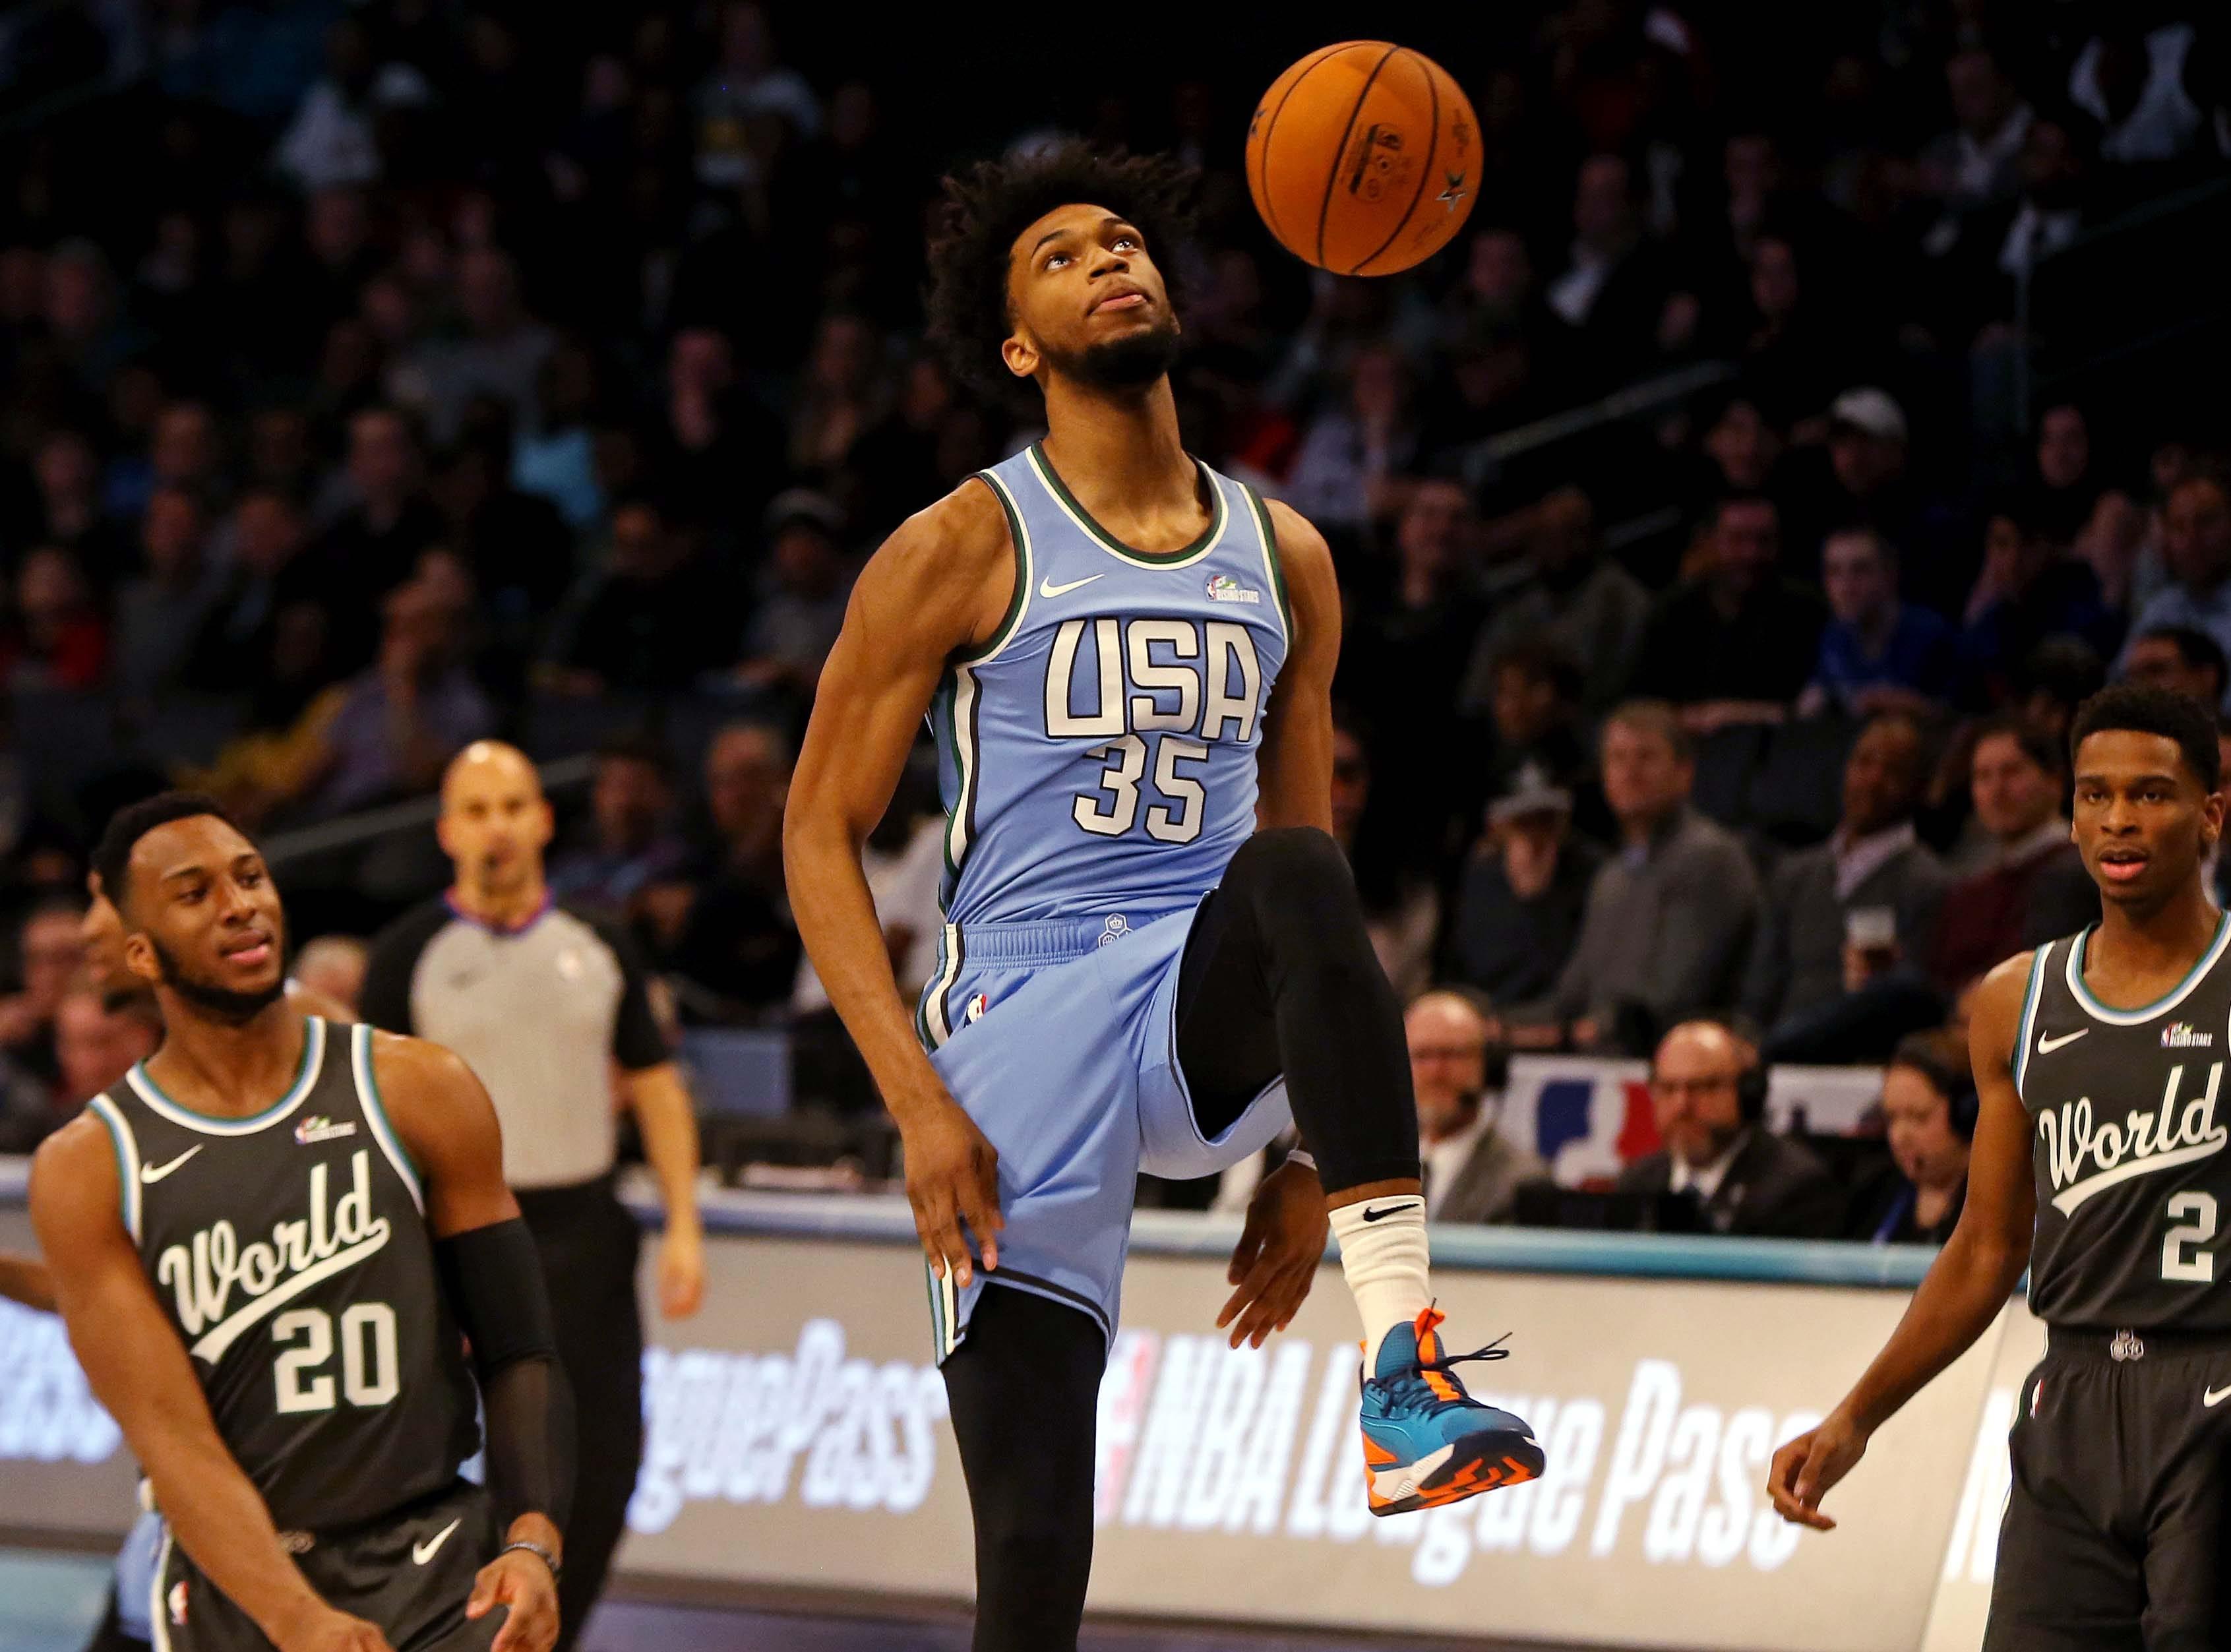 U.S. Team forward Marvin Bagley III of the Sacramento Kings dunks the ball against the World Team.